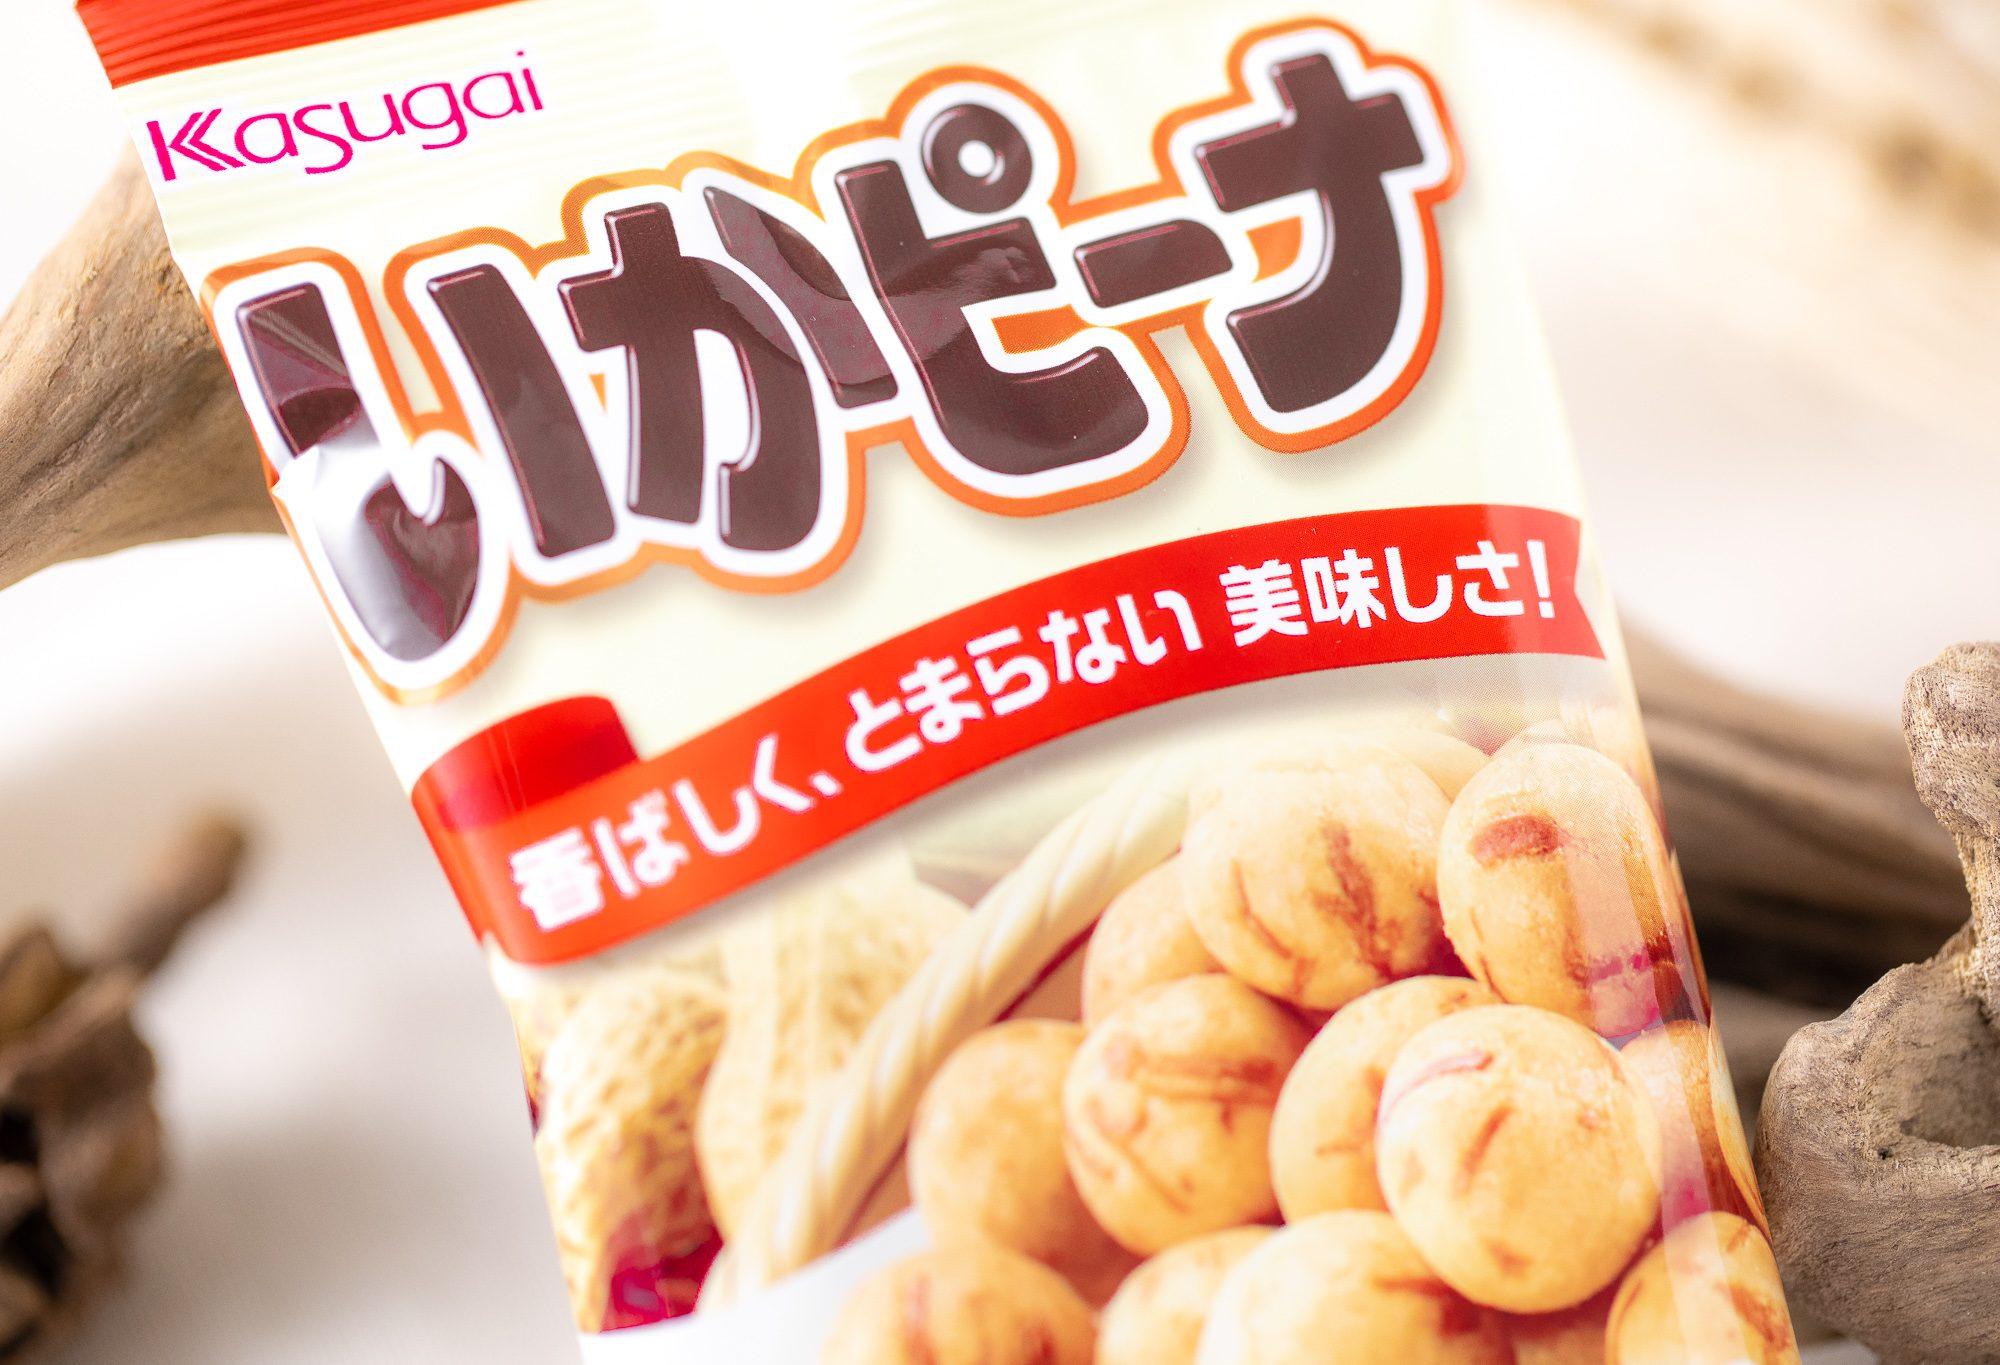 春日井製菓『スリムいかピーナ』はピーナッツの香ばしい香りにイカのコクと旨味をふわっと感じる甘辛系おつまみ!